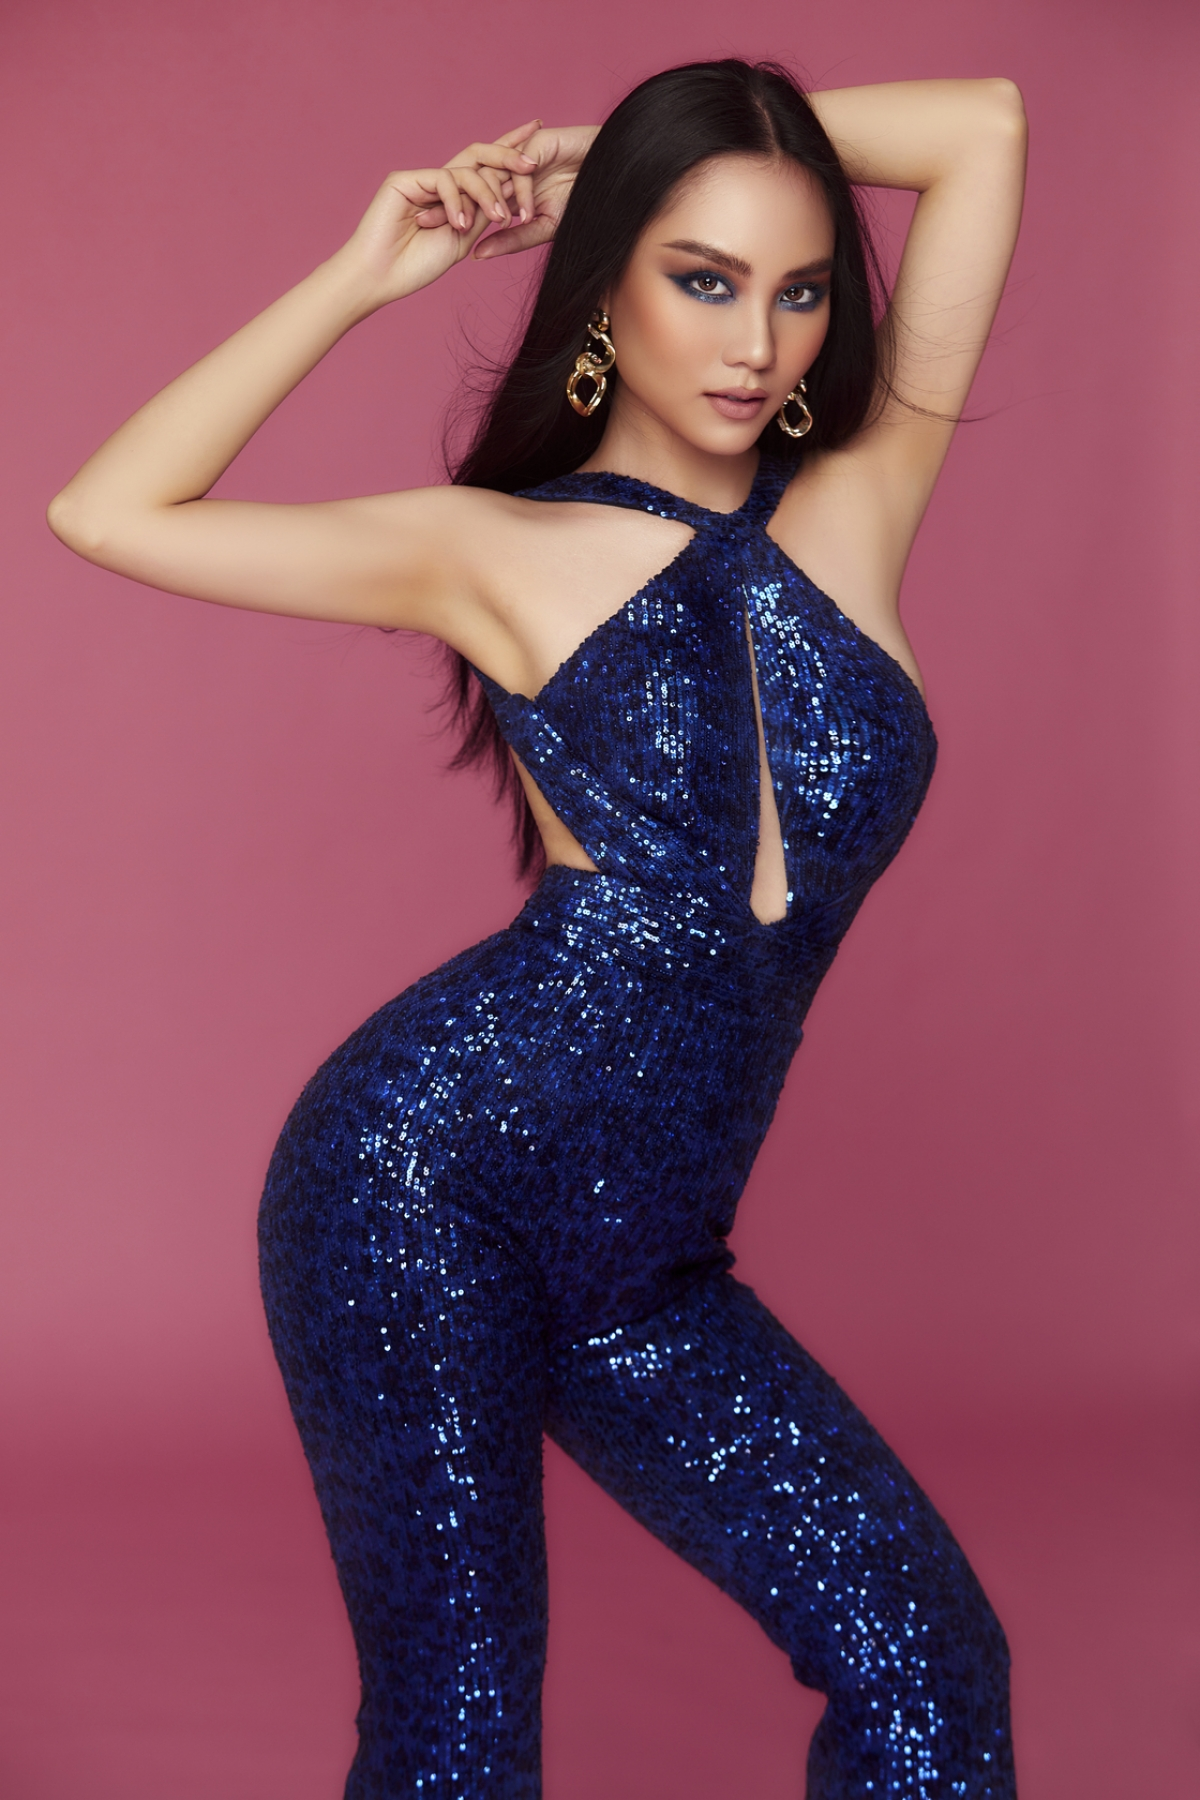 Năm nay, Miss World Vietnam 2021 đã thu hút số lượng lớn các thí sinh dự thi, hầu hết các cô gái đều là những gương mặt mới đầy triển vọng với chiều cao lý tưởng và nhan sắc thu hút.